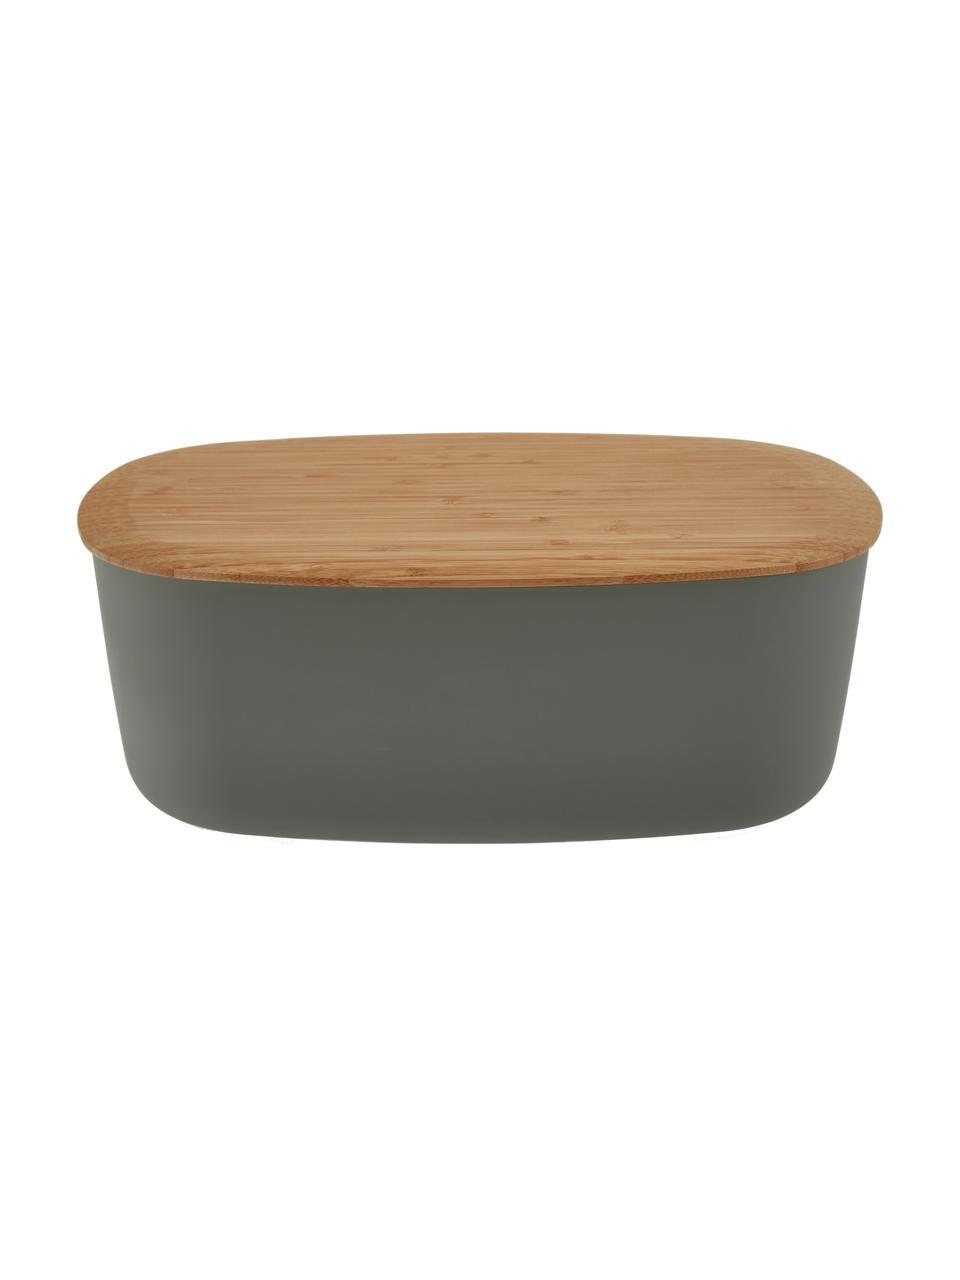 Chlebak z deską do krojenia jako pokrywka Box-It, Pojemnik: szary Pokrywka: brązowy, S 35 x W 12 cm